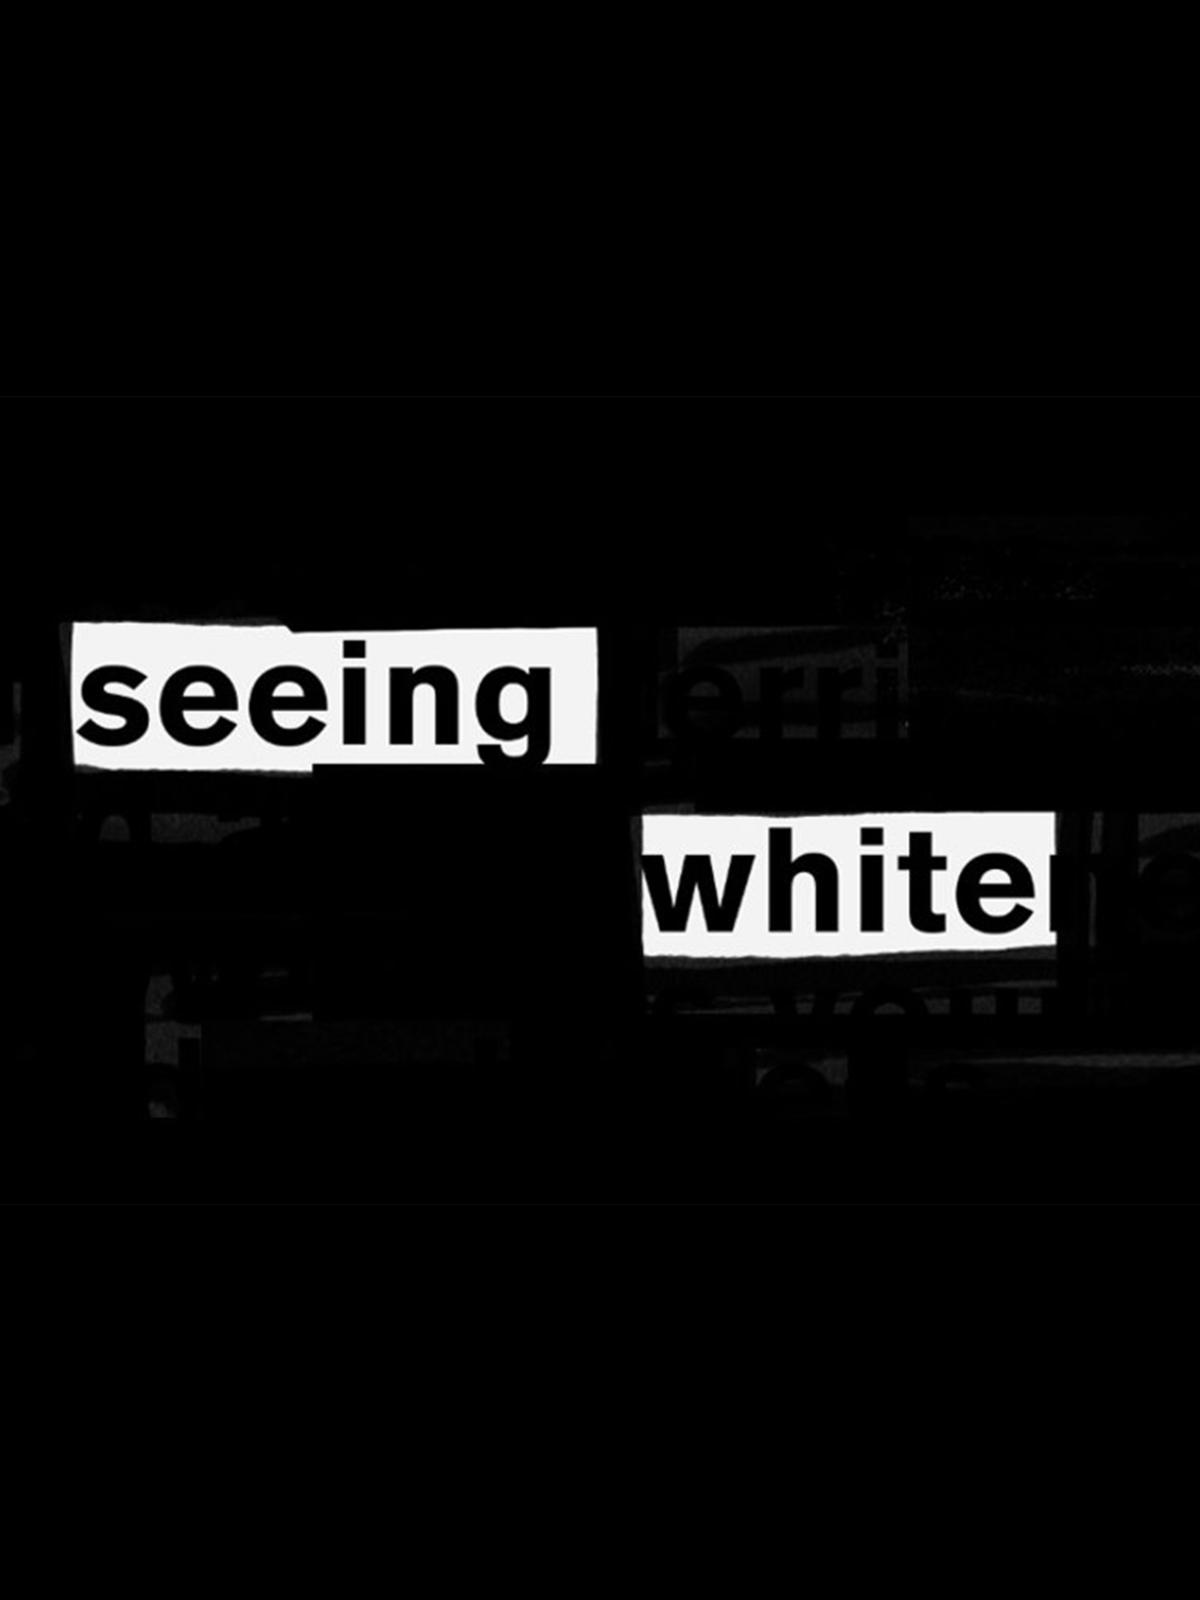 Seeing White edit